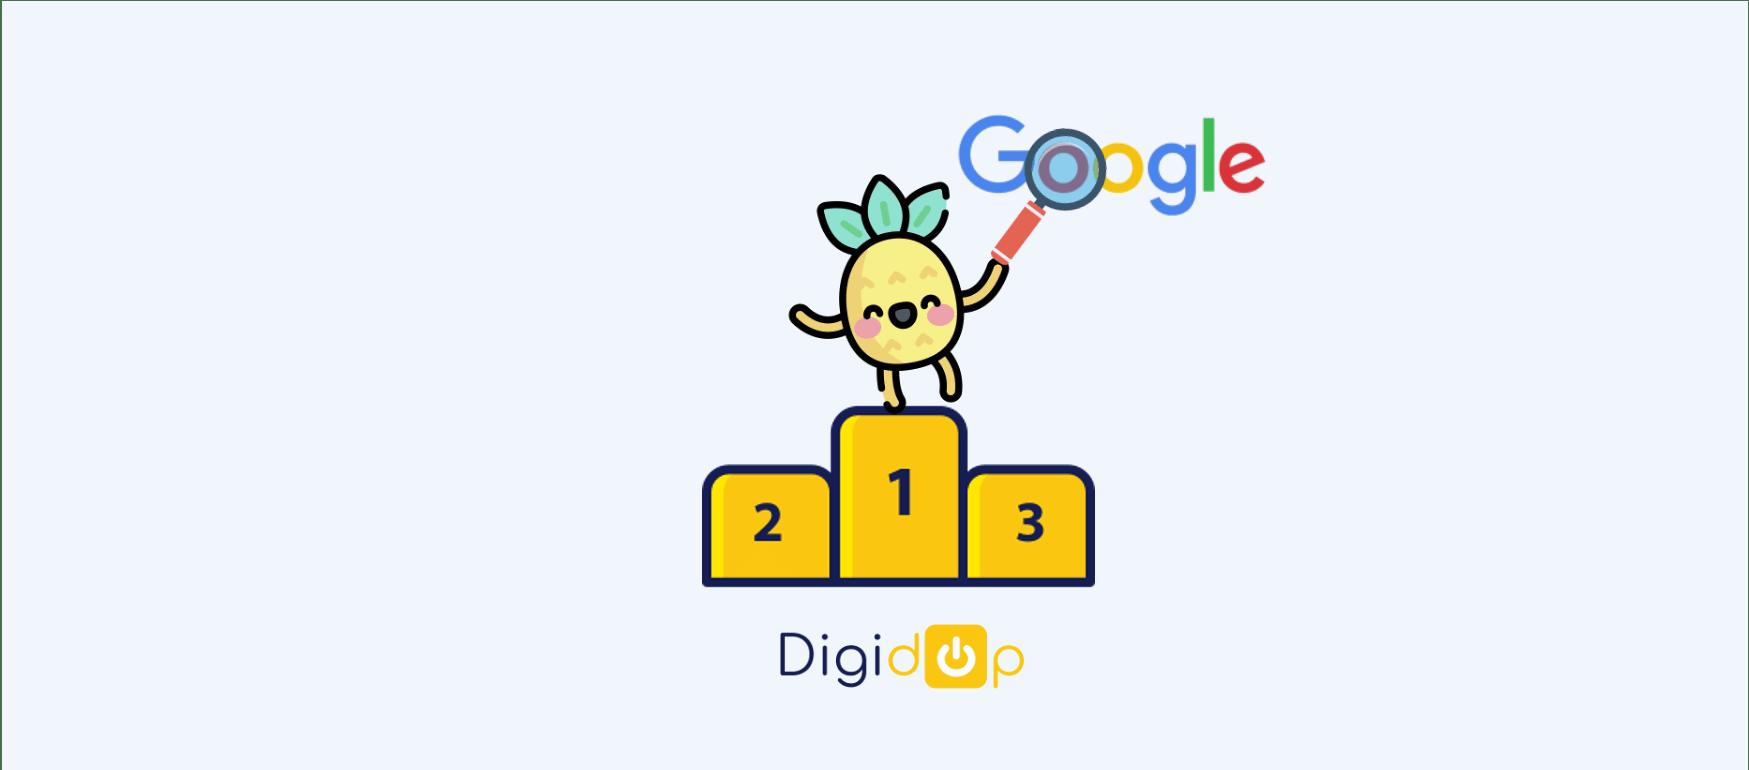 Icone Digidop sur un podium de recherche Google